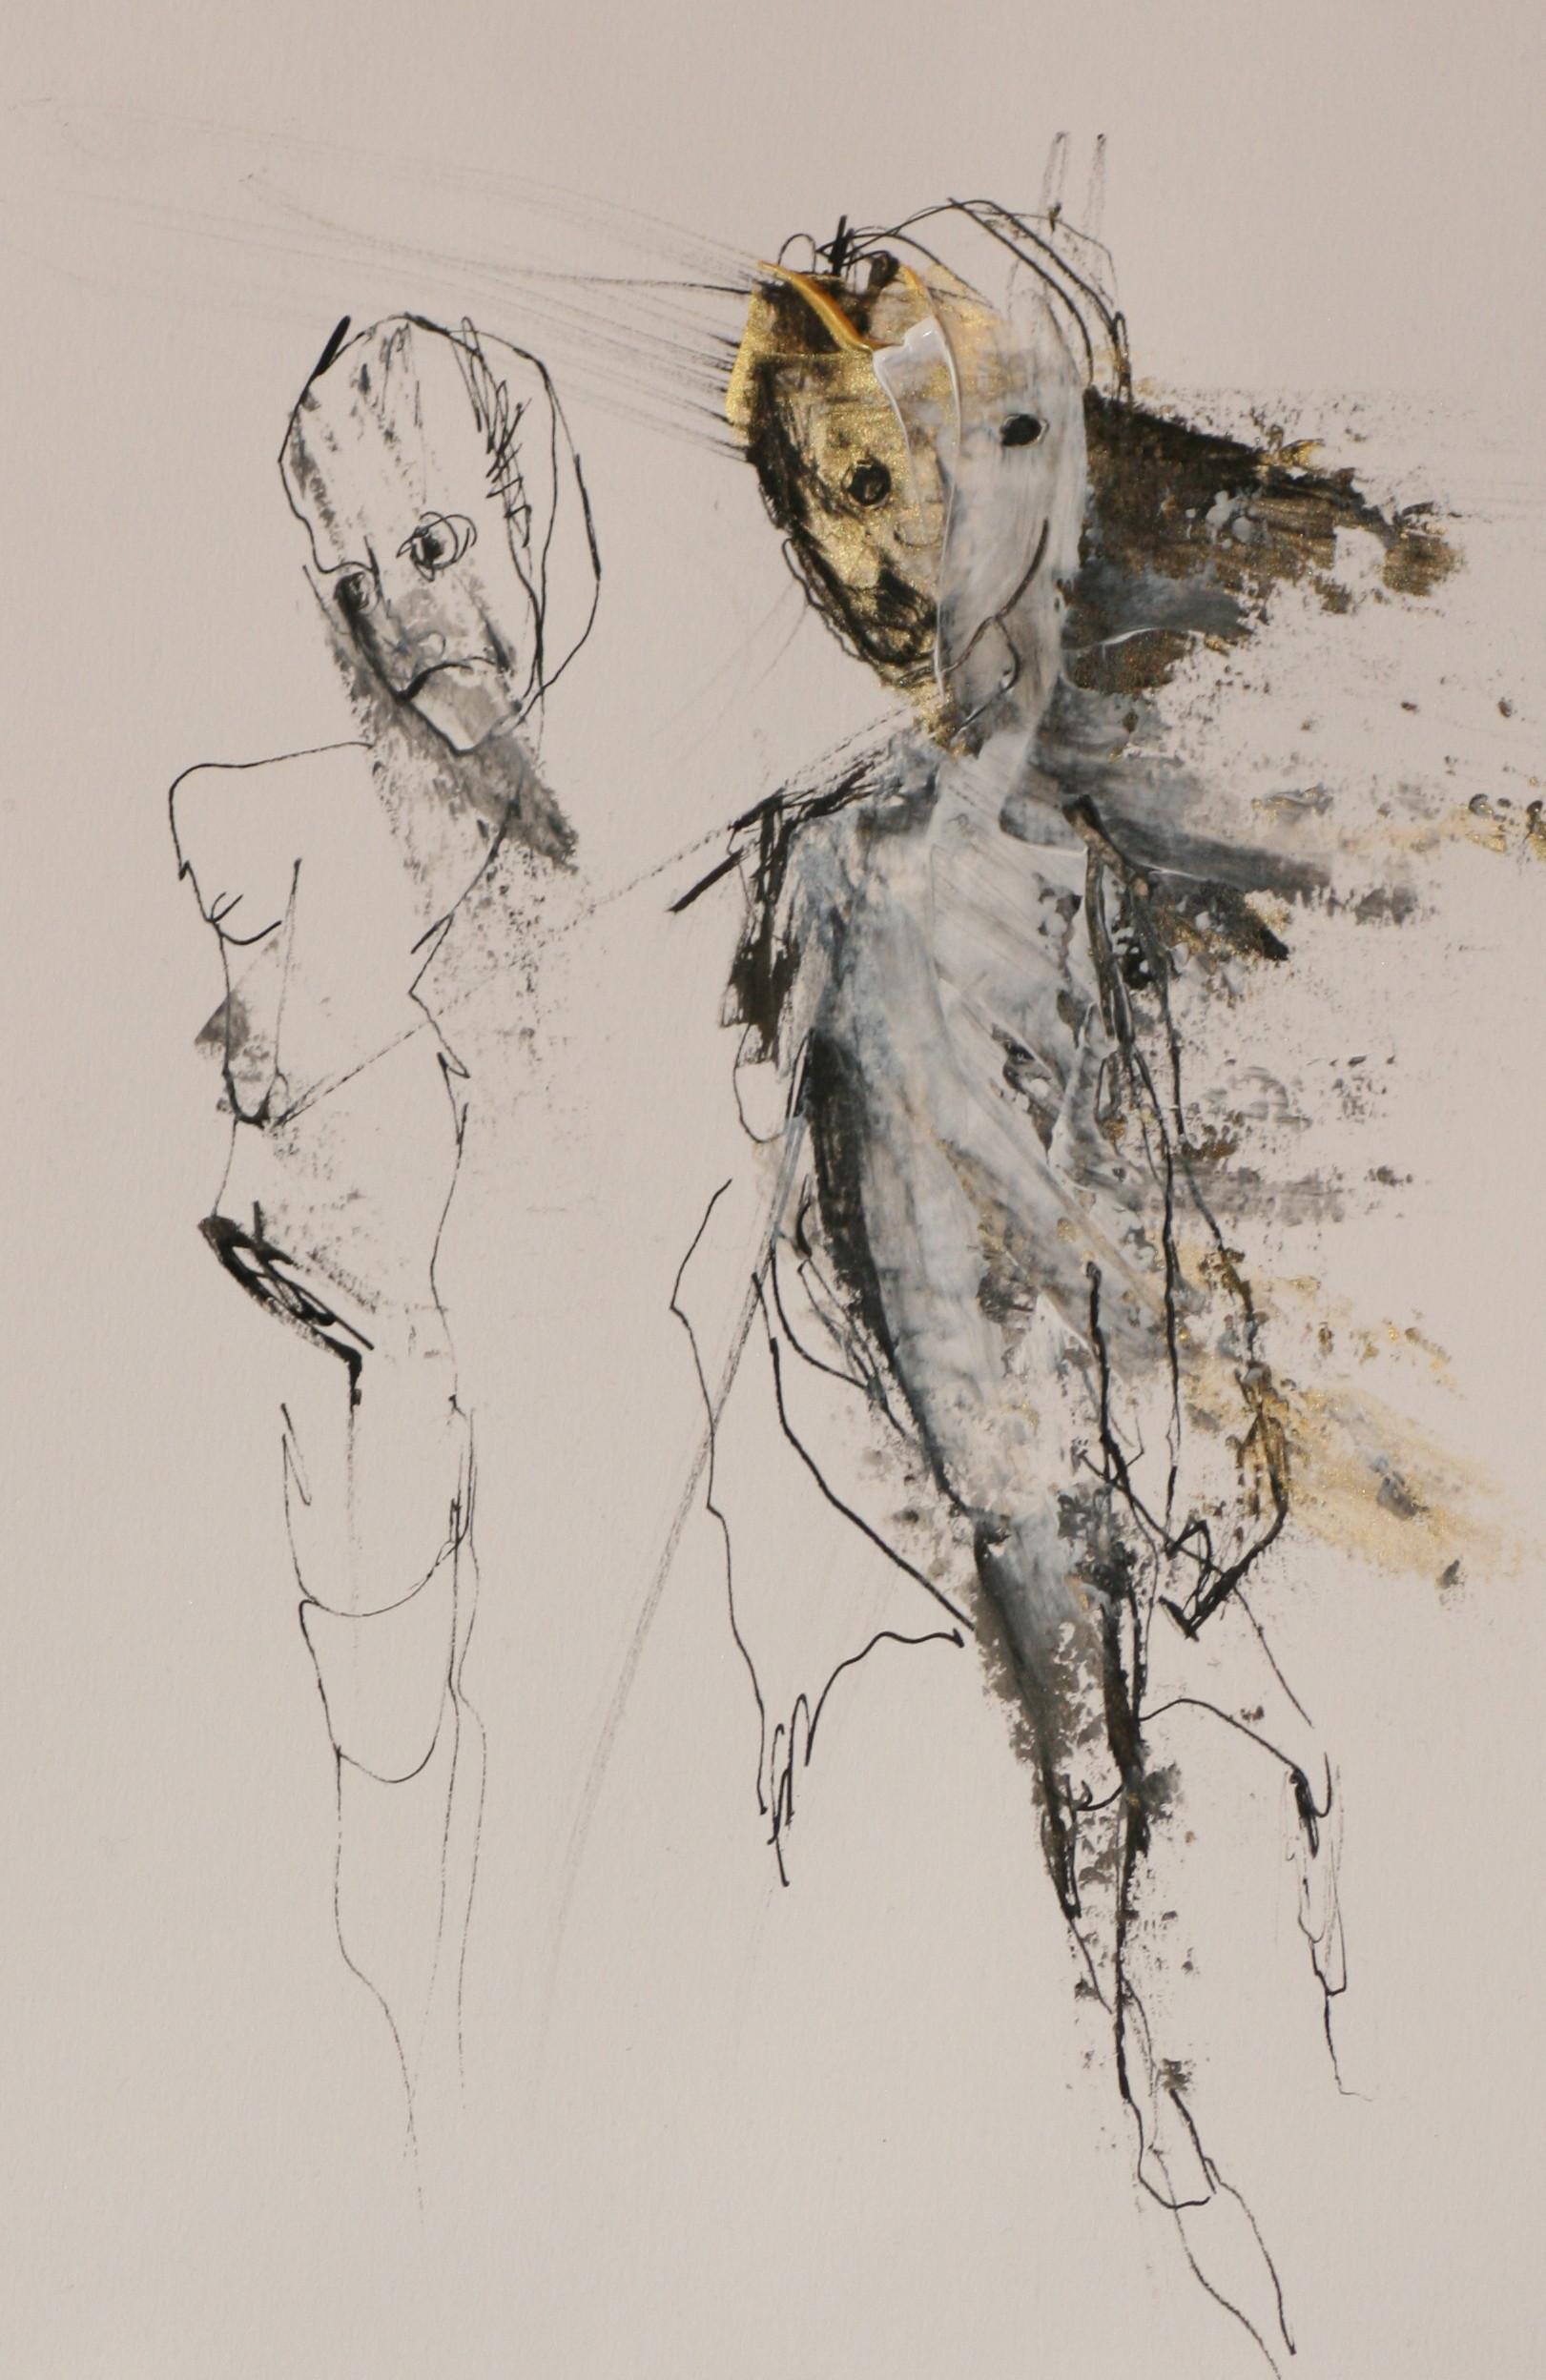 No. 4. Ivan de Monbrison. The Eckleburg Gallery.